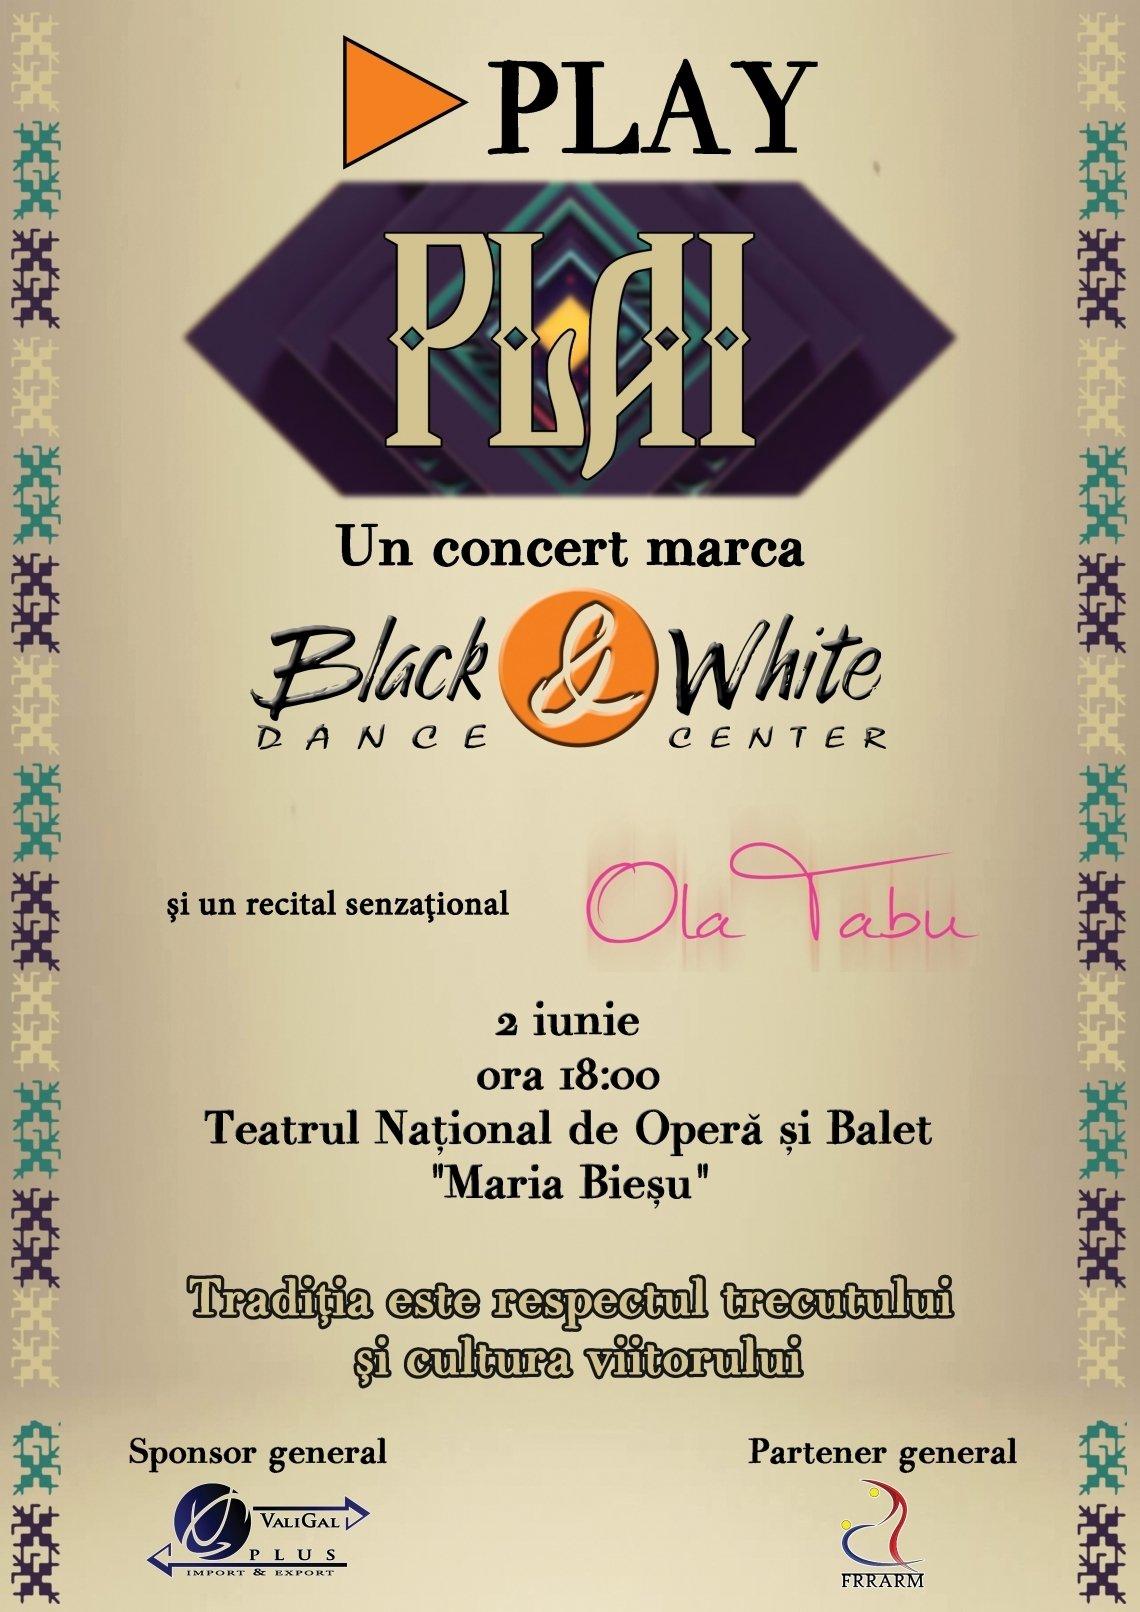 play plai